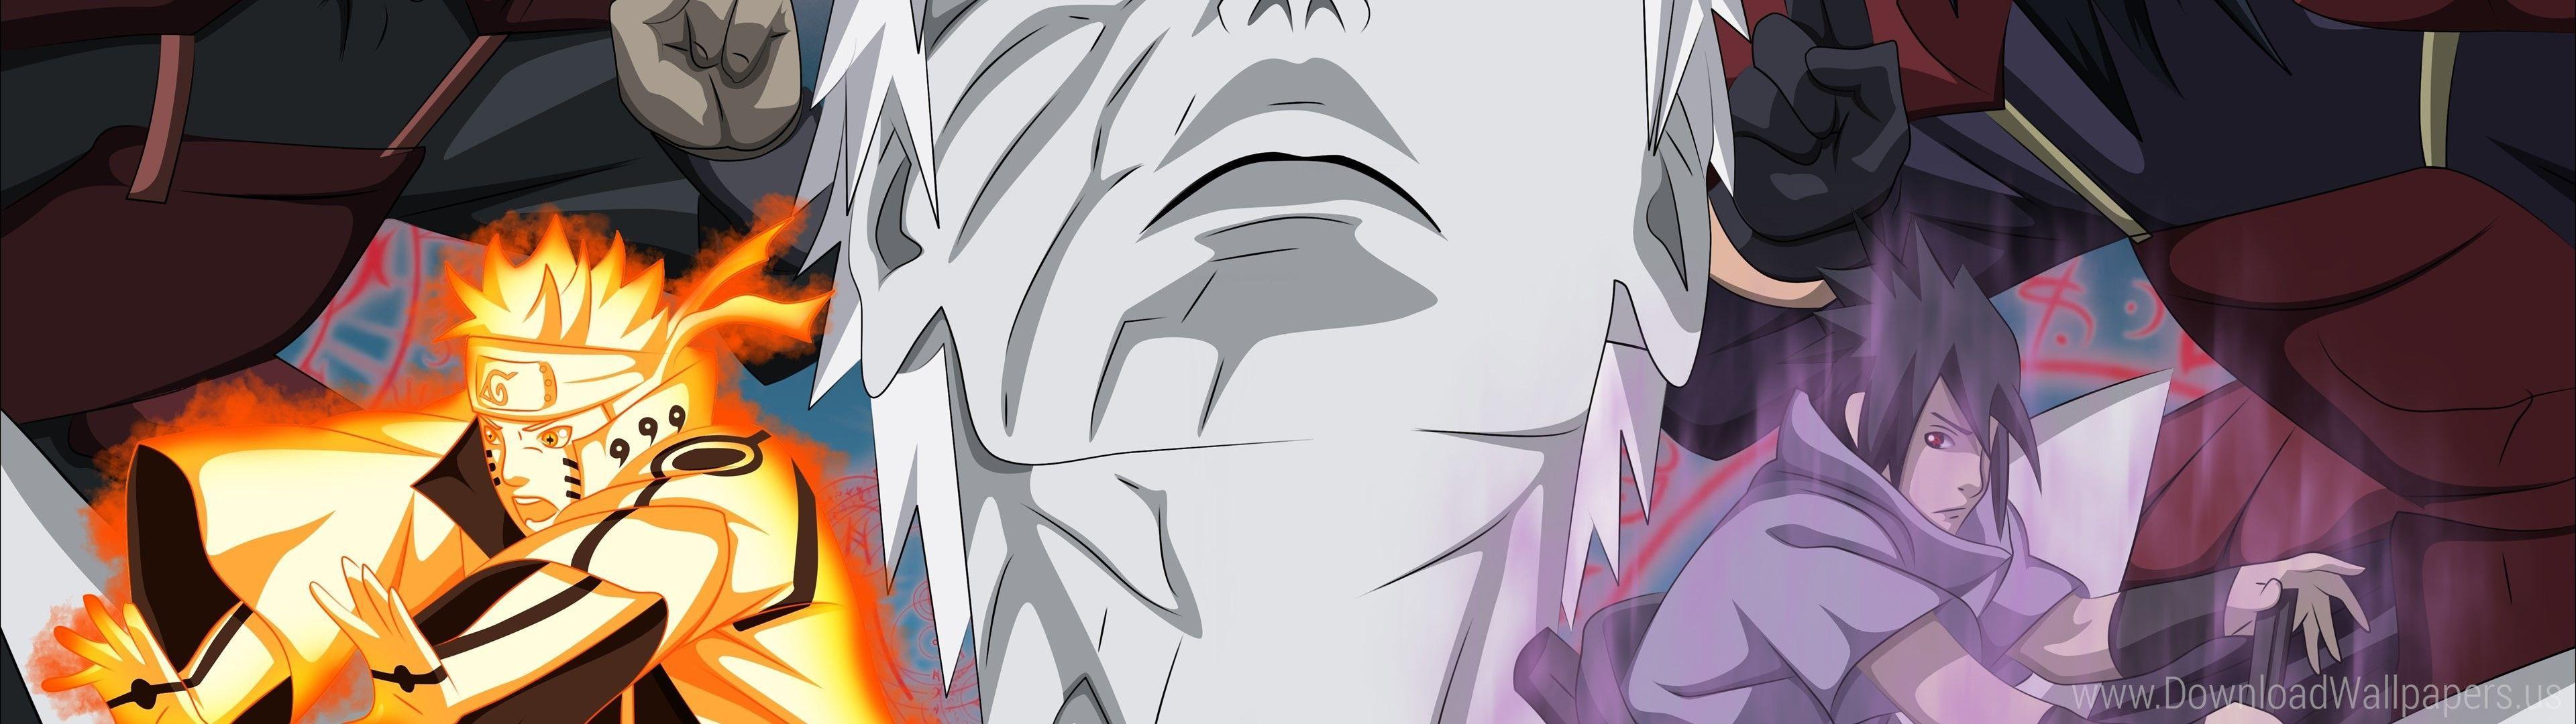 Naruto Dual Monitor Wallpapers Top Free Naruto Dual Monitor